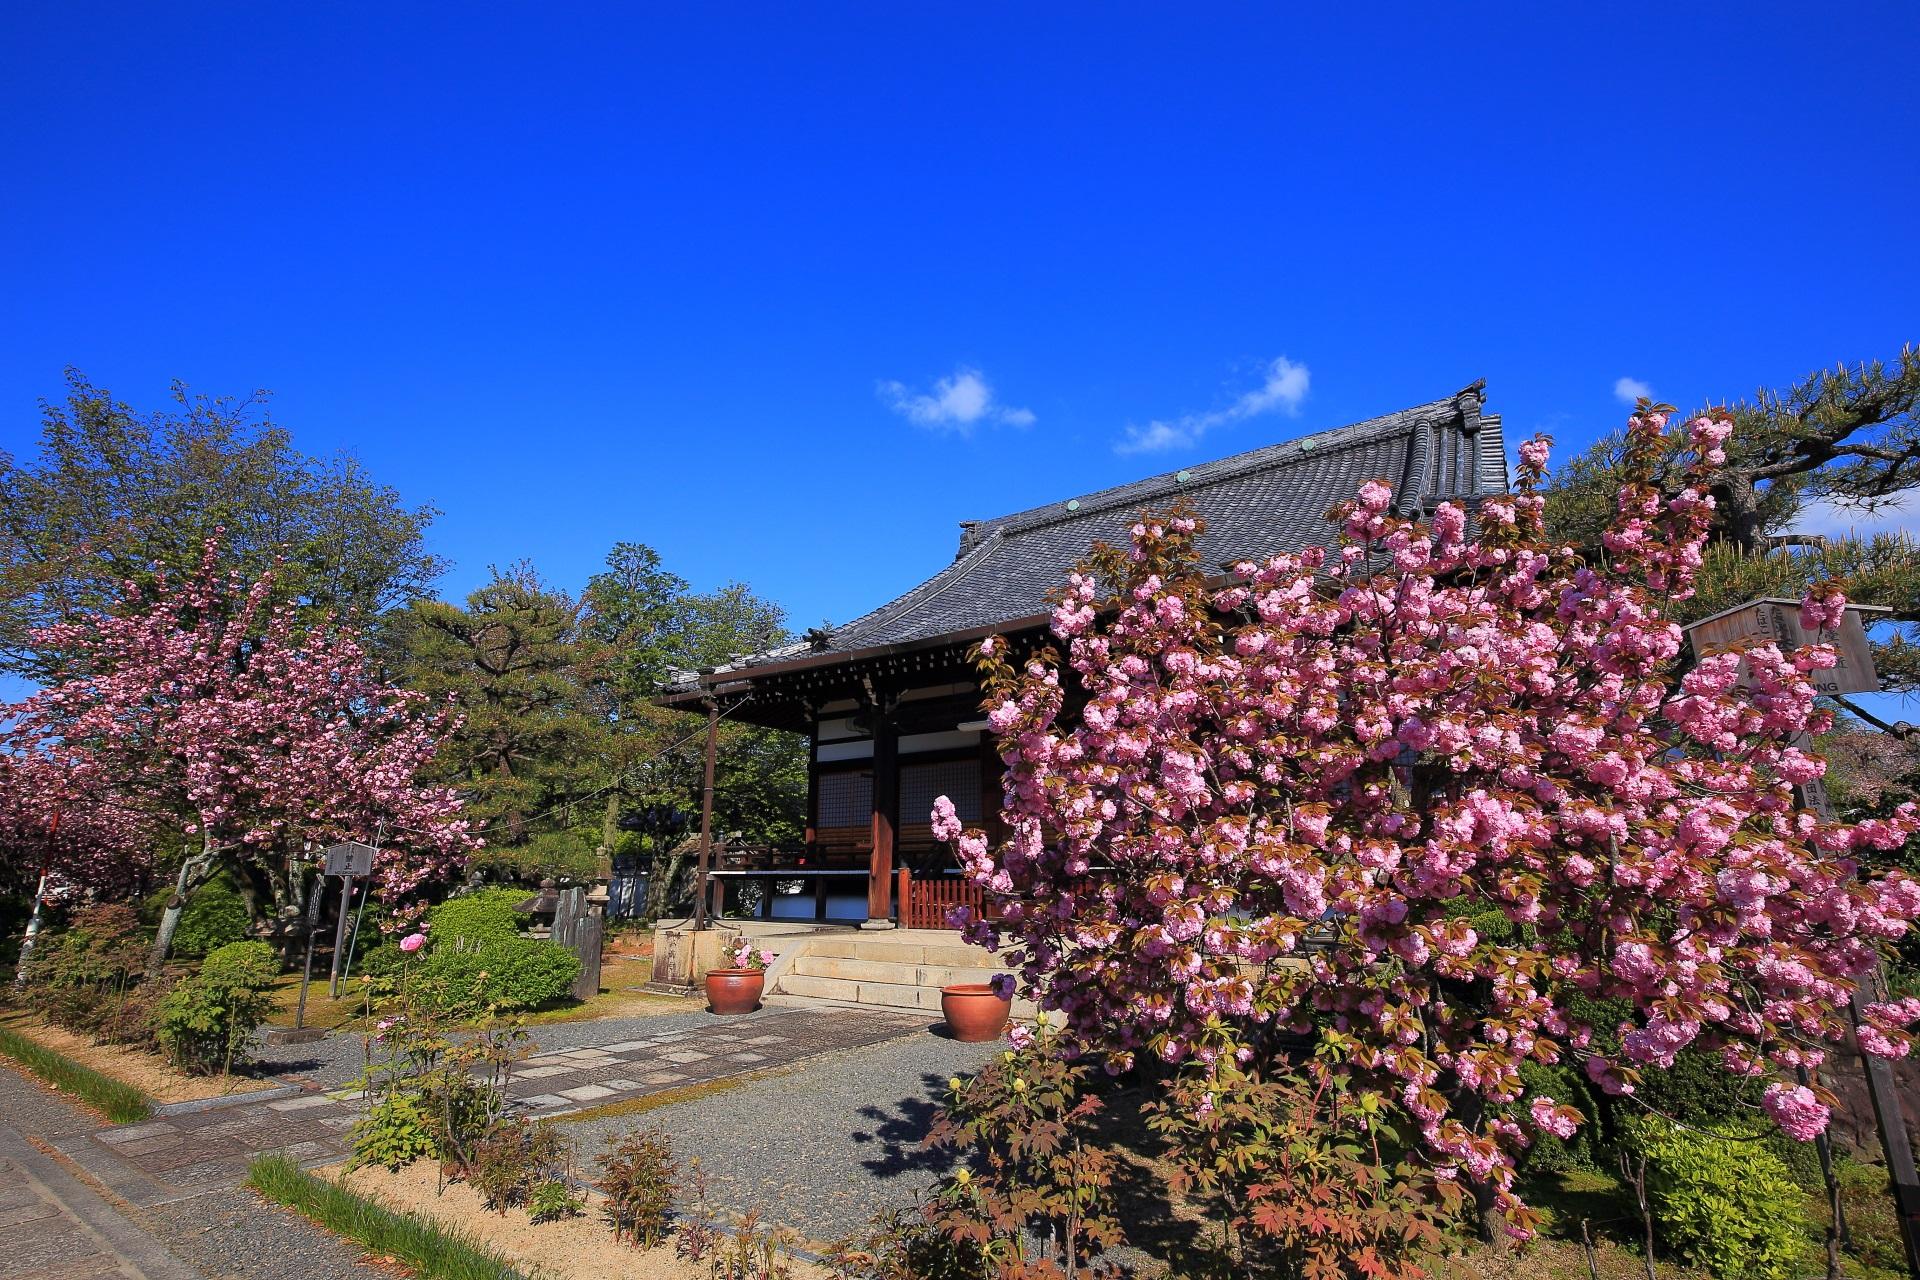 見事な青空と満開の八重桜